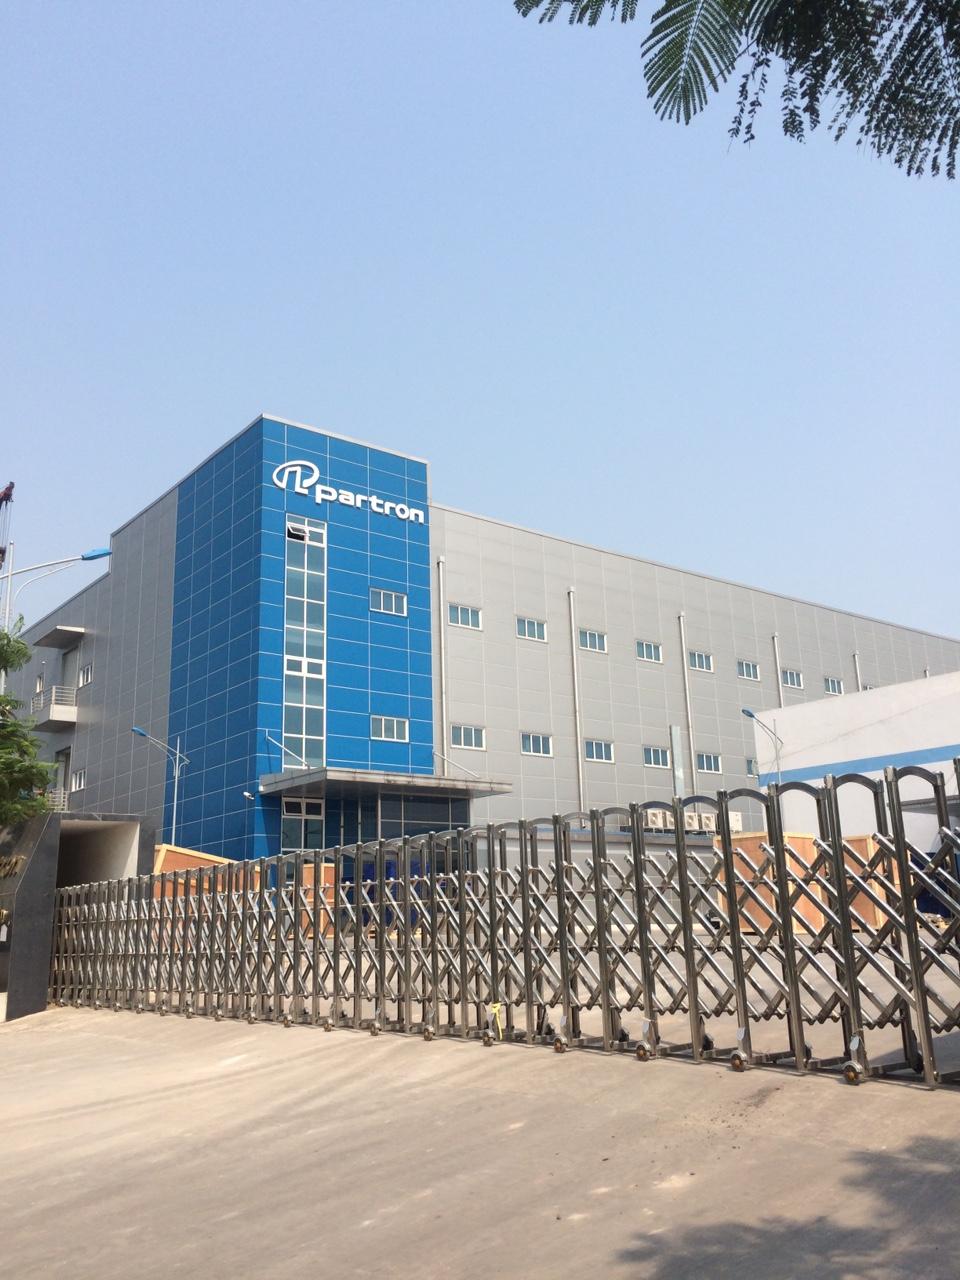 Hoàn thành lắp đặt hệ thống camera giám sát tại Công ty TNHH Partron Vina- Lô 11- KCN Khai Quang- TP.Vĩnh Yên- T.Vĩnh Phúc